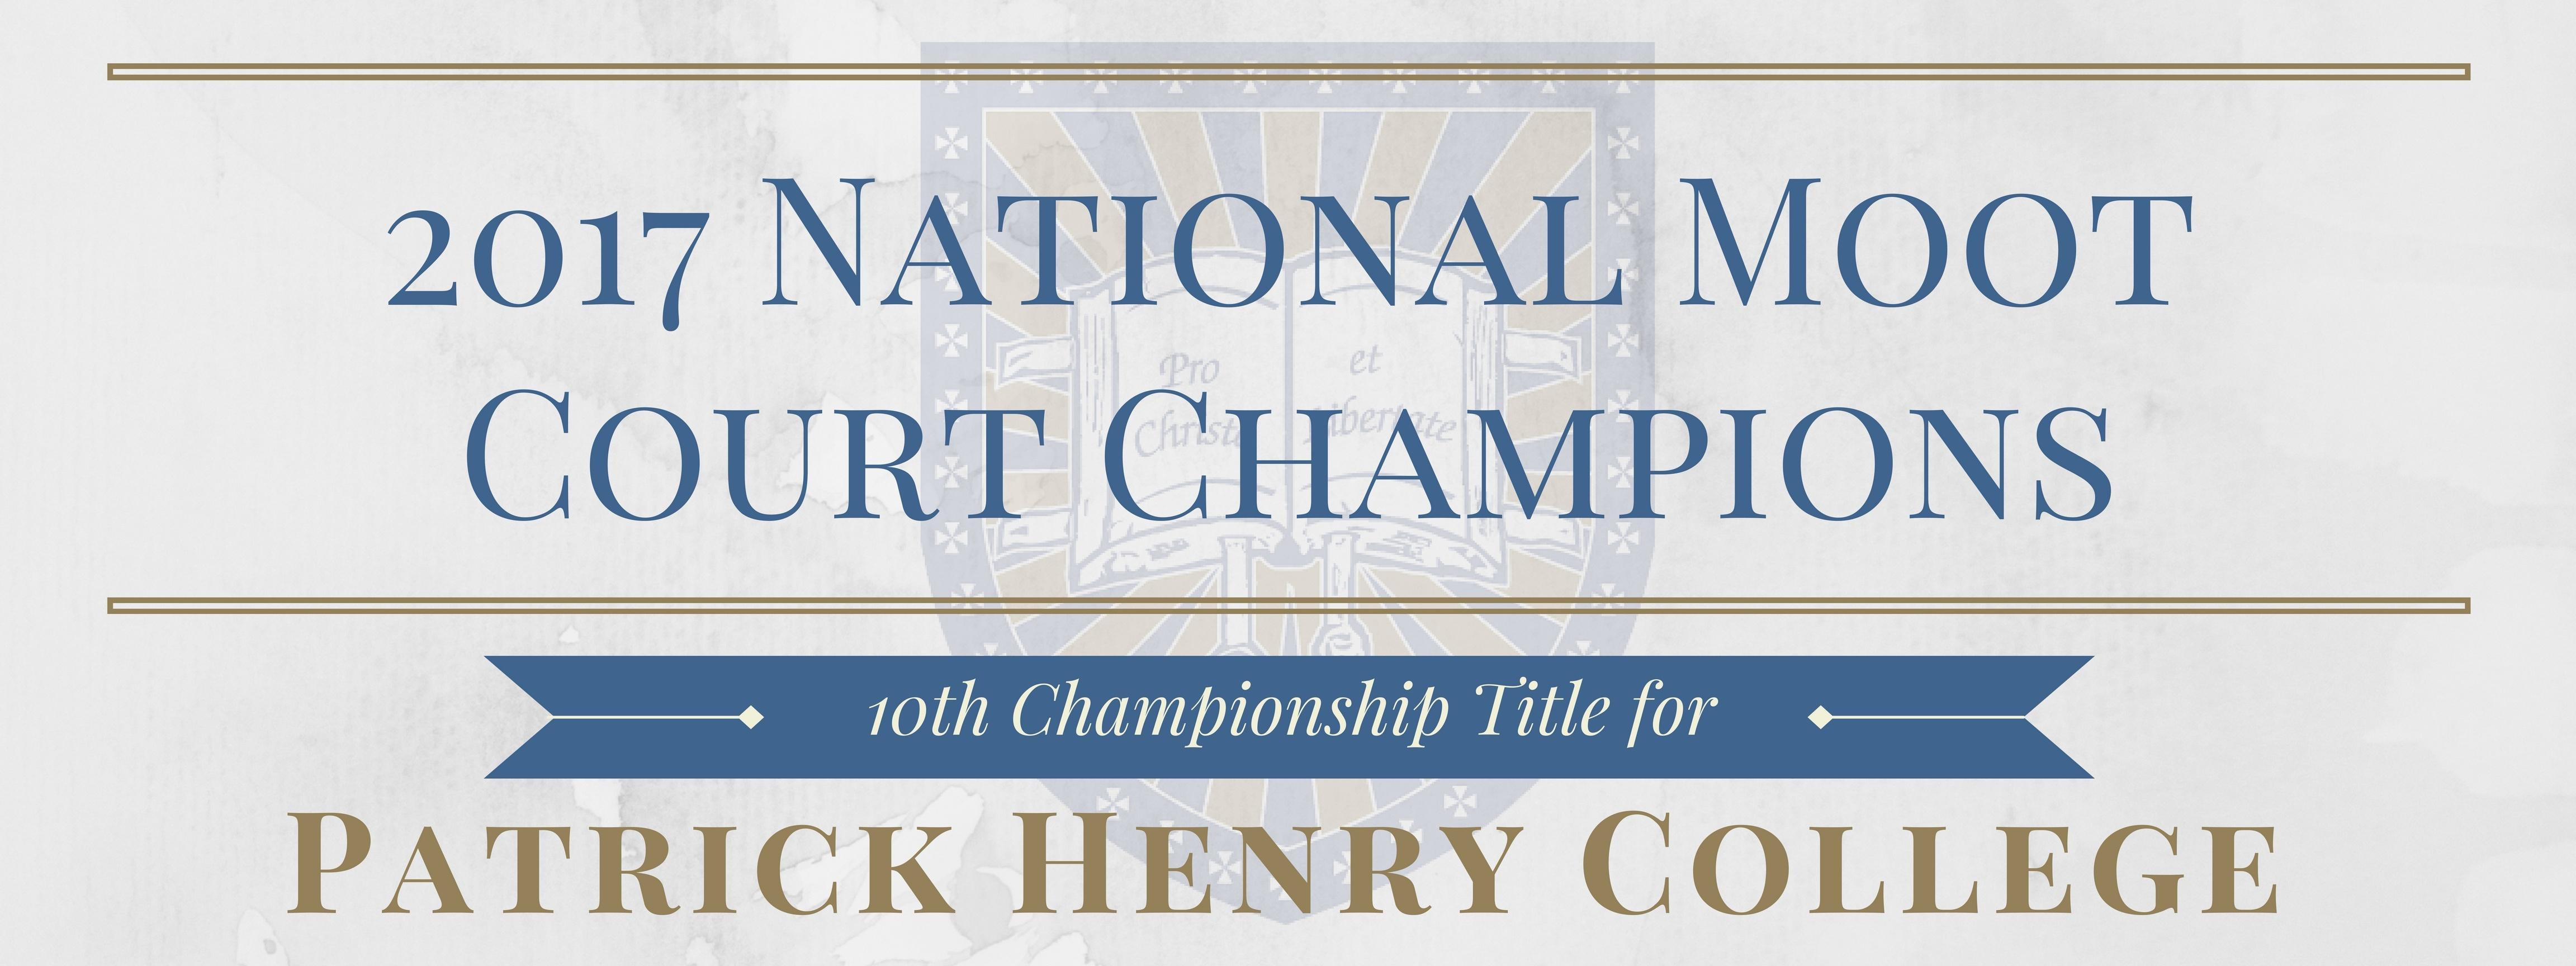 2017 Website Banner for National Moot Court (1).jpg